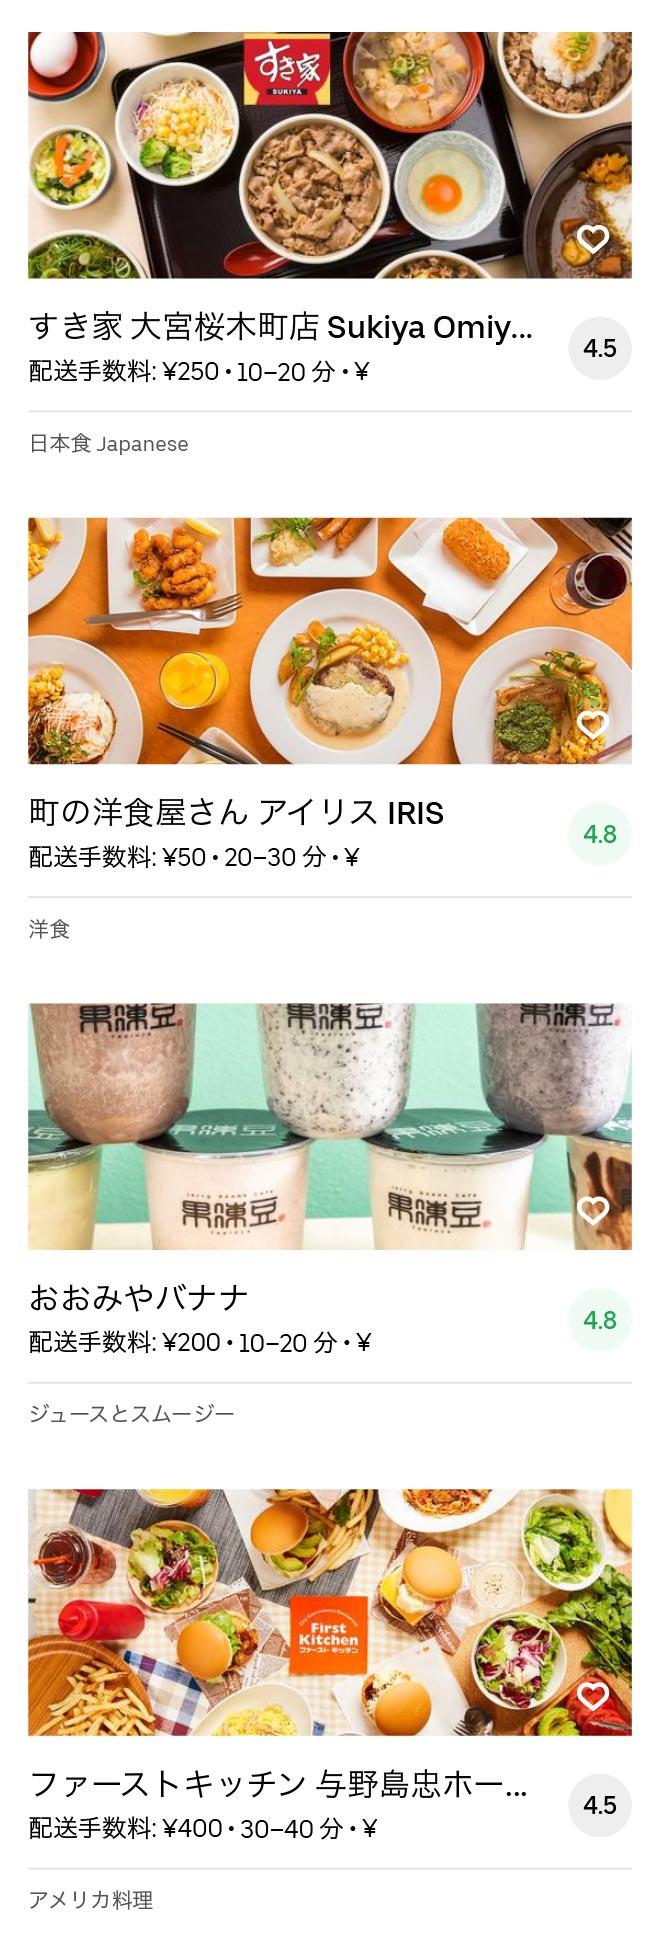 Saitama oomiya menu 2006 10